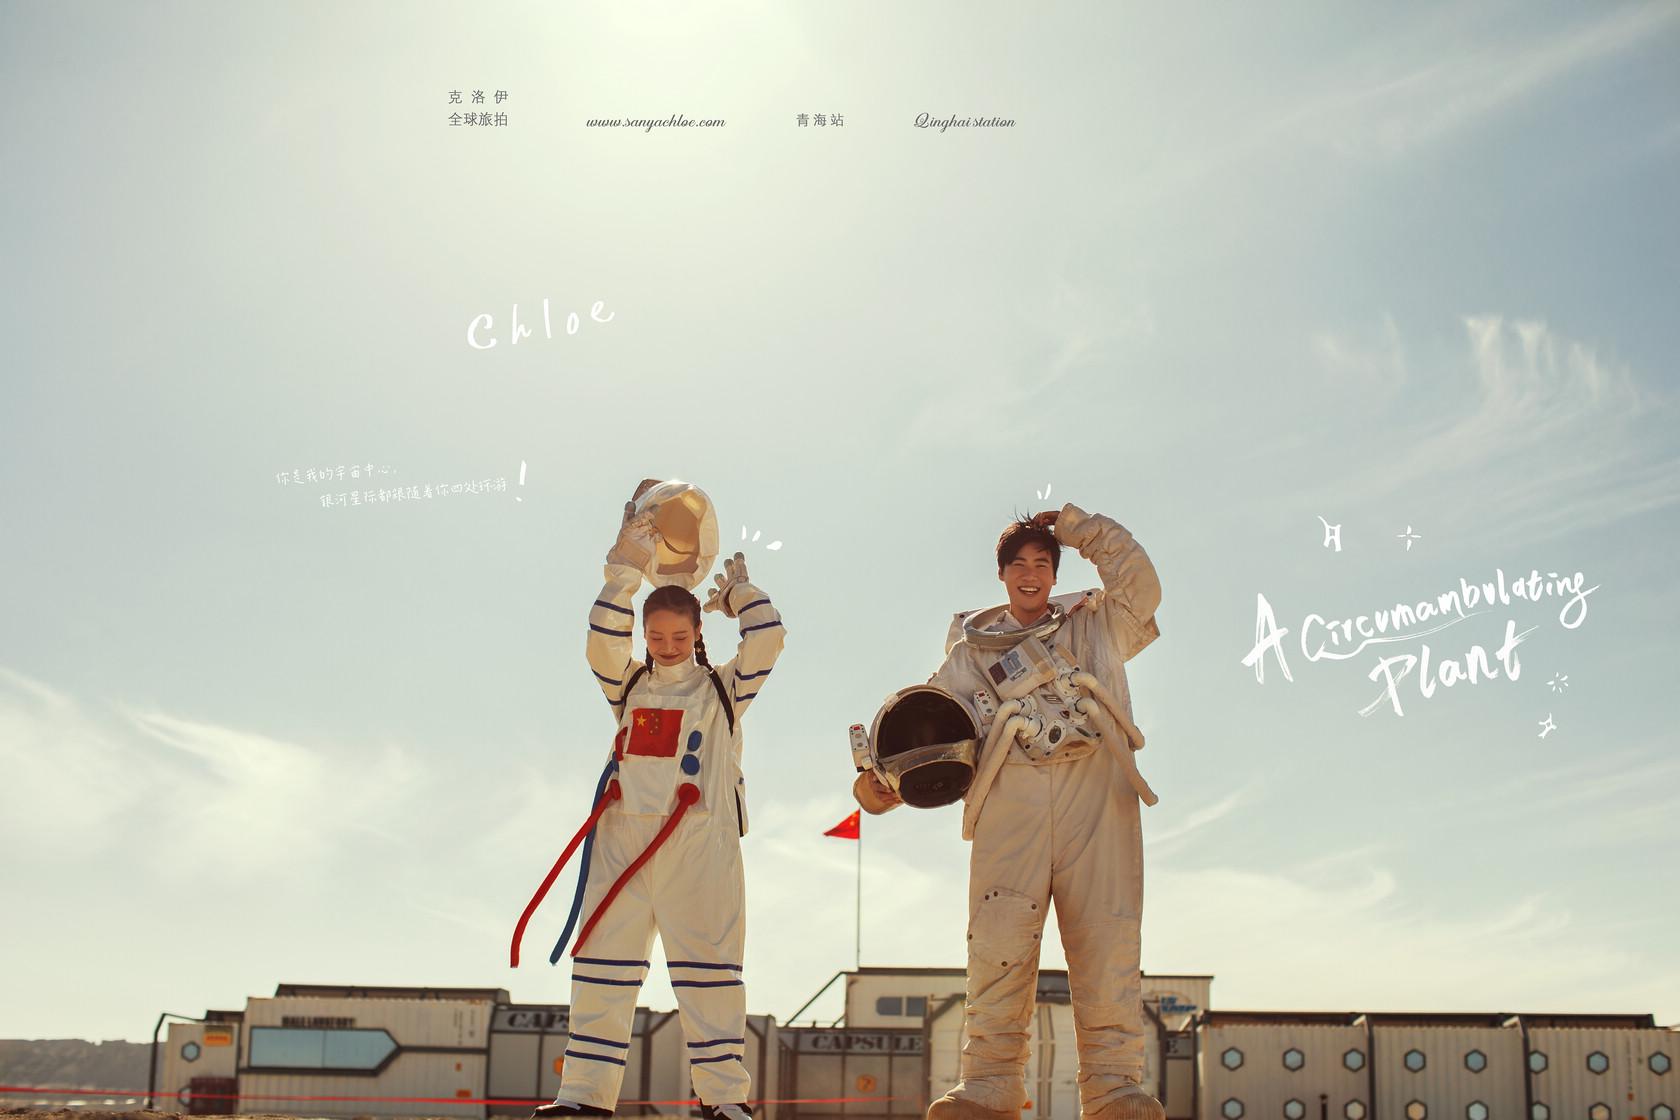 """铂爵推出""""火星""""旅拍,能超越克洛伊在青海地区的领先地位吗?"""